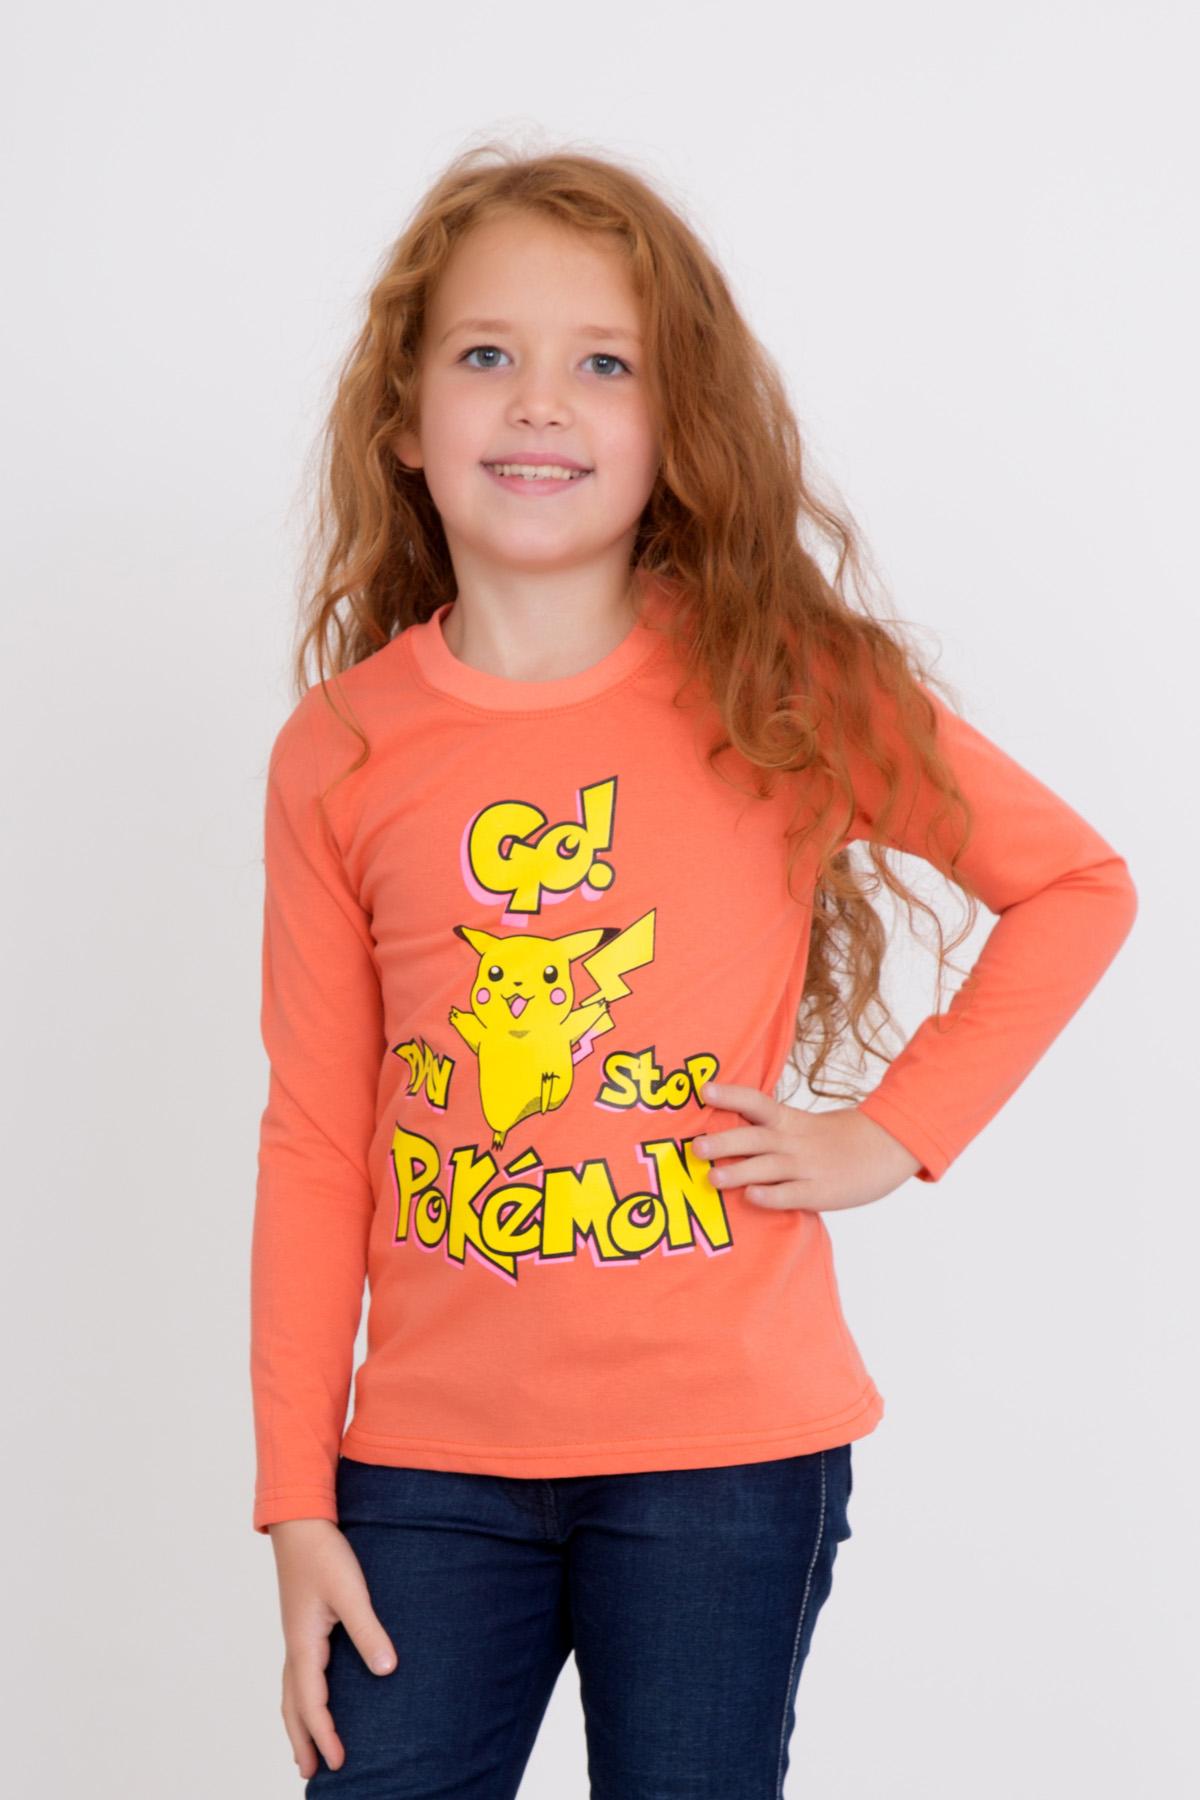 Дет. футболка Покемон Оранжевый р. 36Джемпера и толстовки<br><br><br>Тип: Дет. футболка<br>Размер: 36<br>Материал: Кулирка